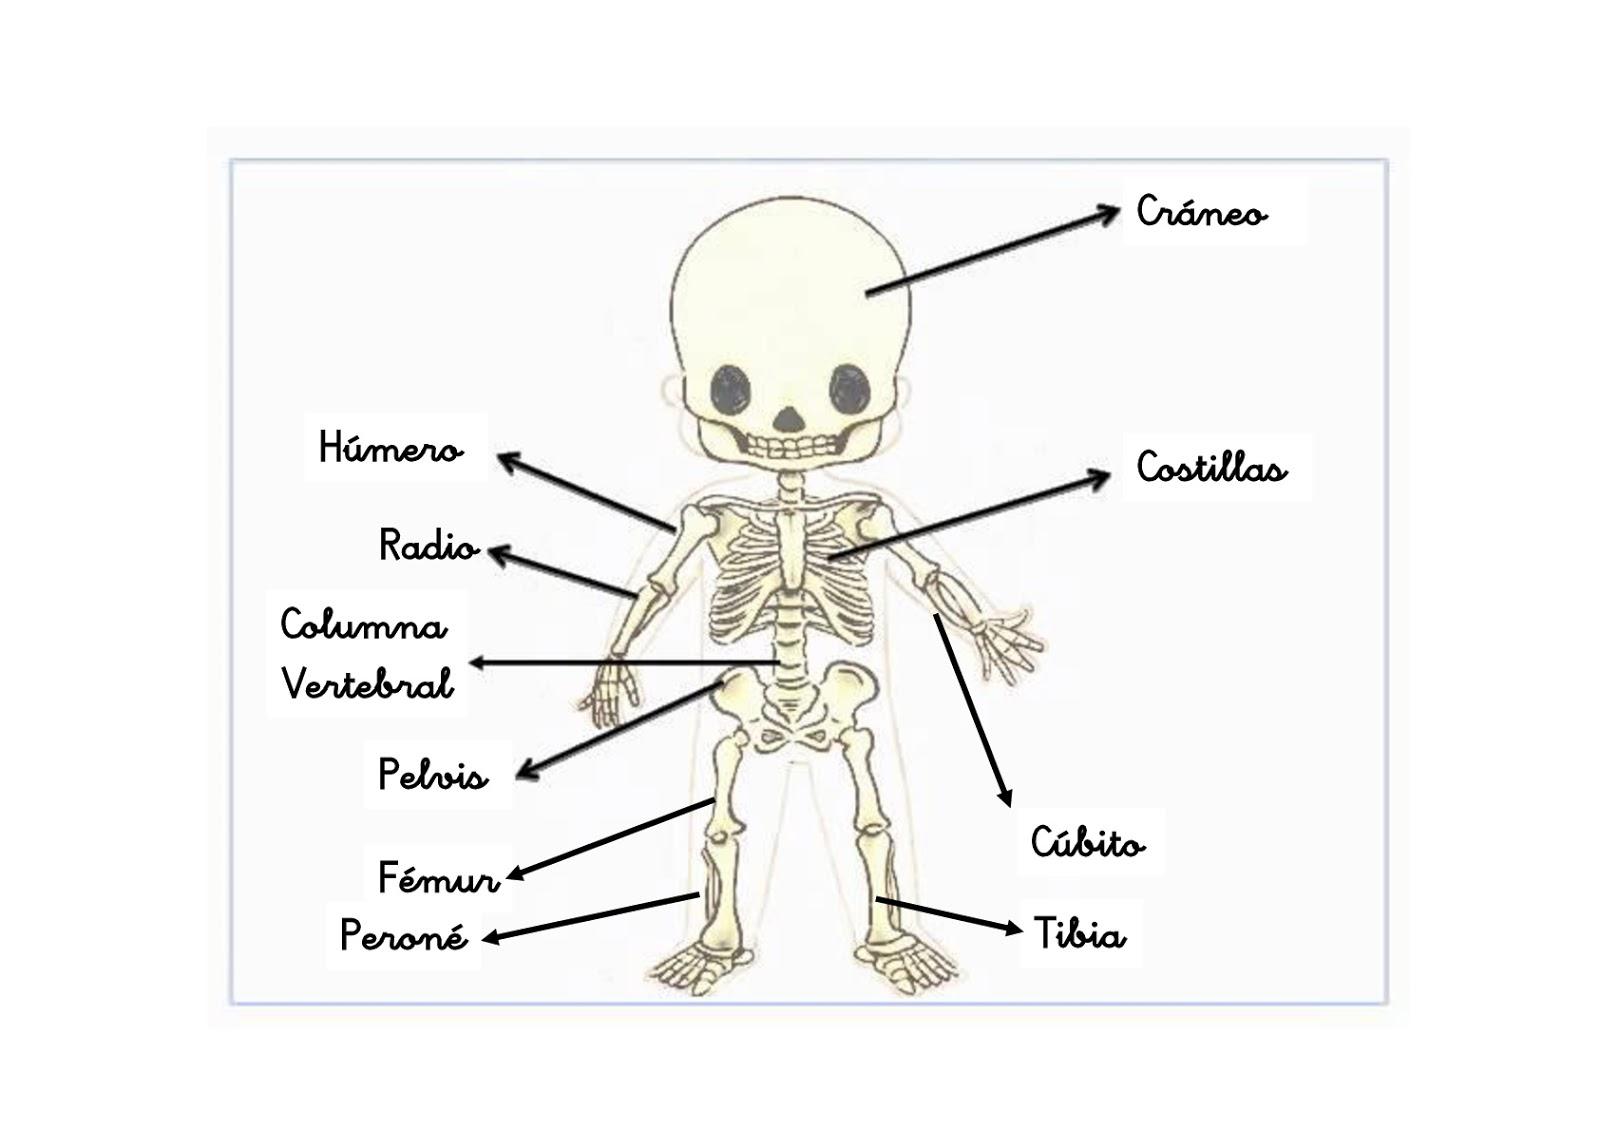 best Imagenes Esqueleto Humano Para Niños image collection